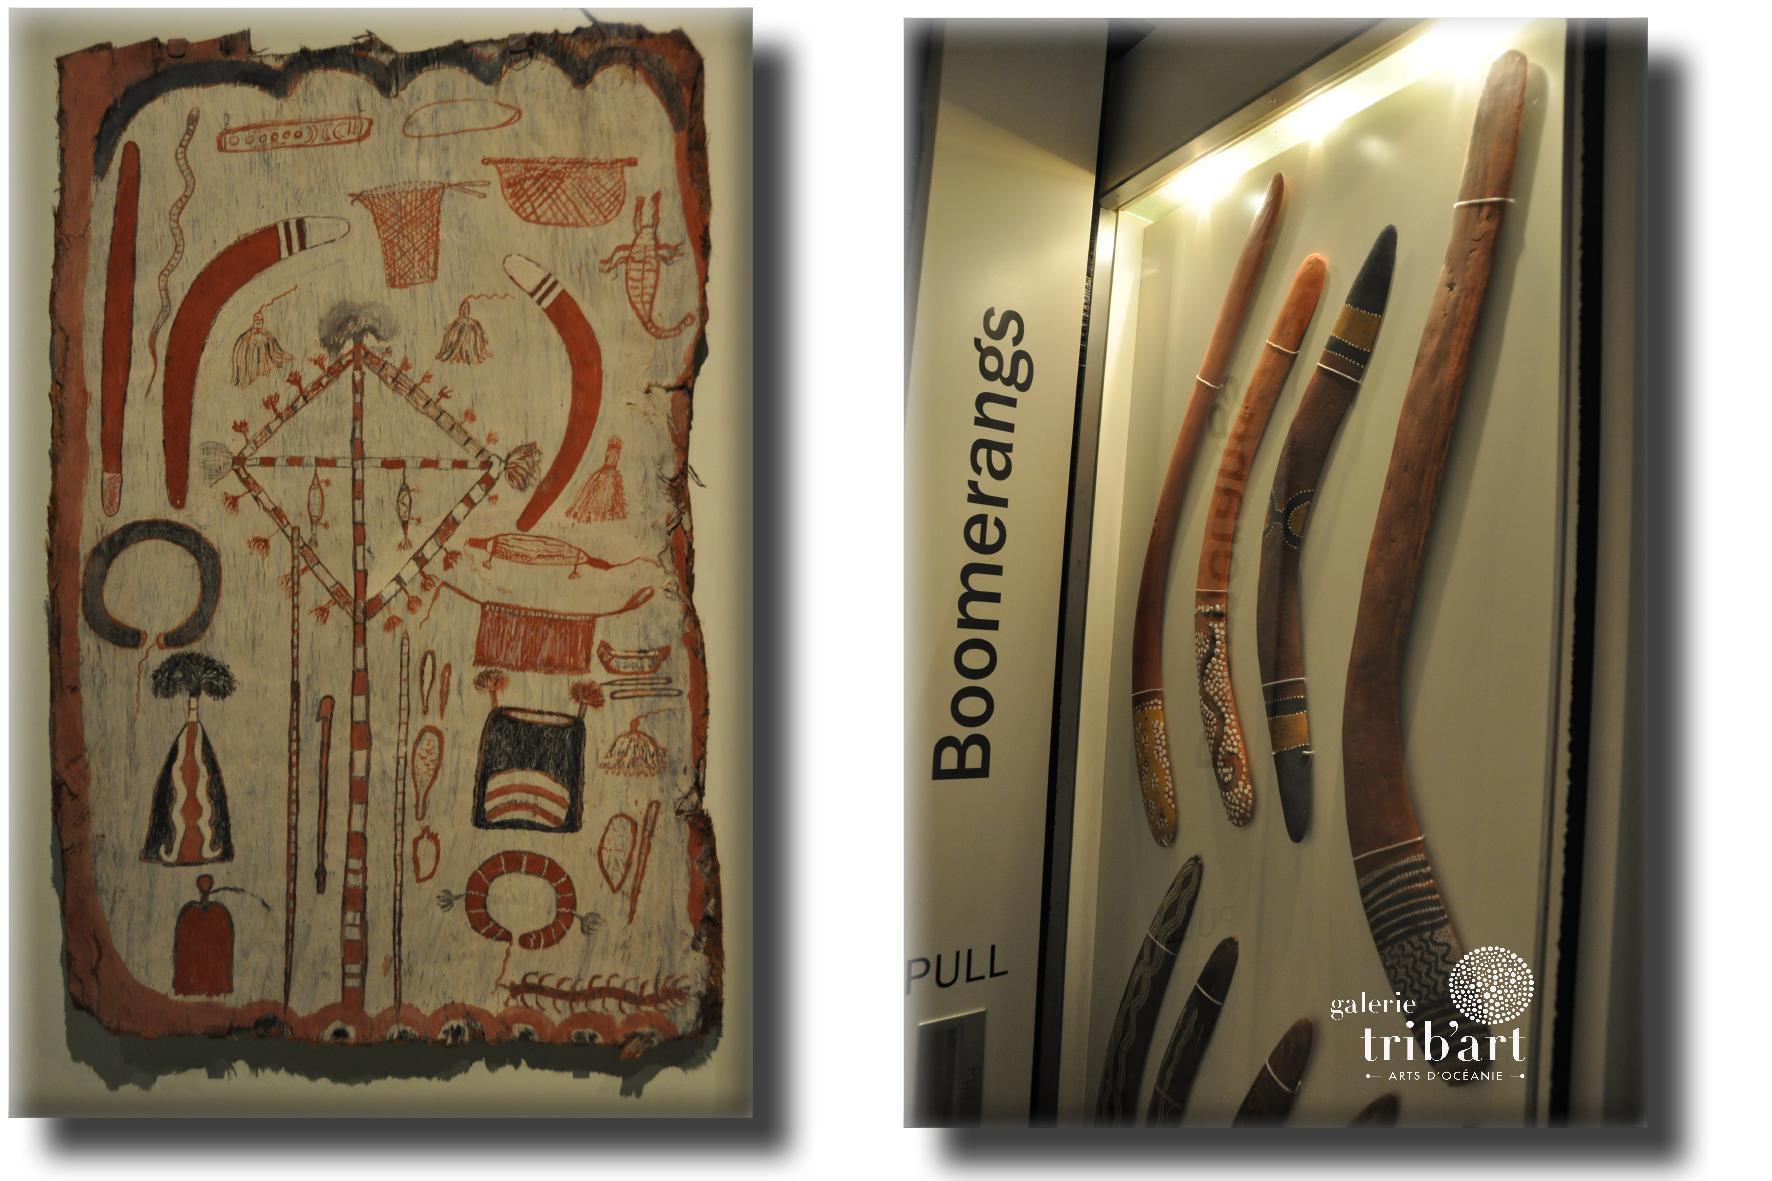 Musee Adelaïde boomerangs